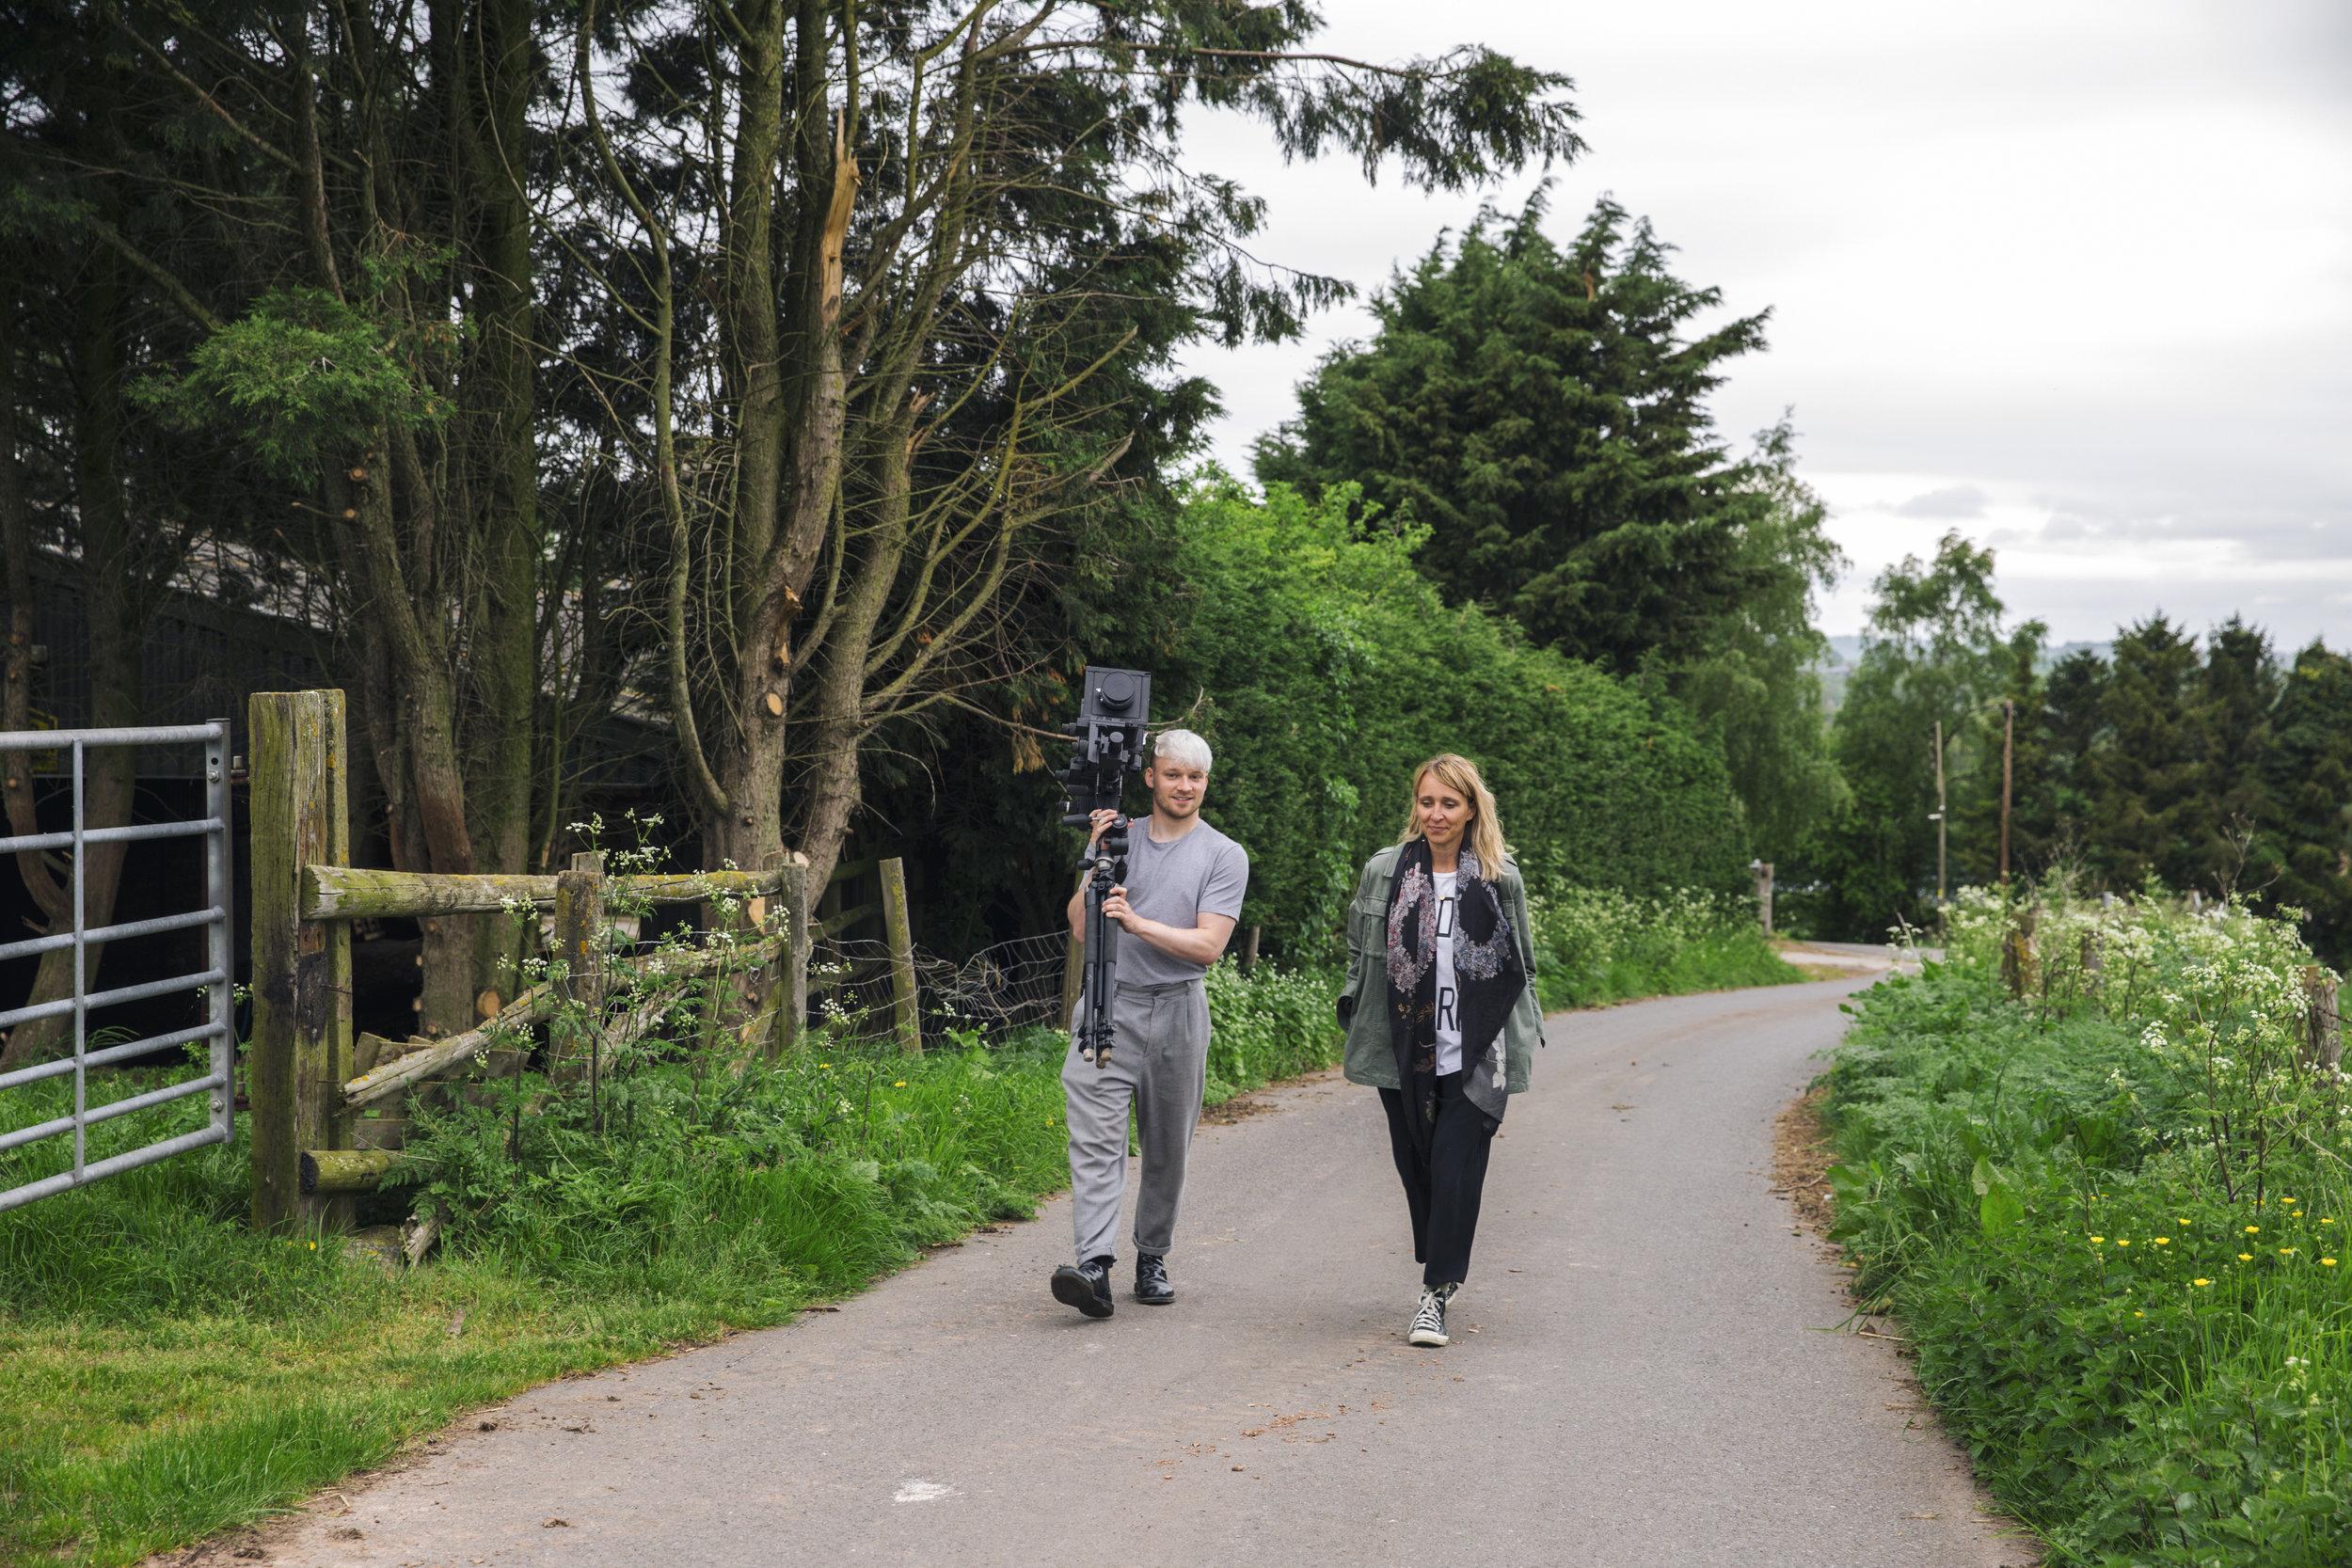 Luke Evans  (on left), artist and photographer in Withington, Herefordshire, UK; Karen Rosenkranz (on right), London-based ethnographer and trend forecaster. Photo: Claudia Rocha.